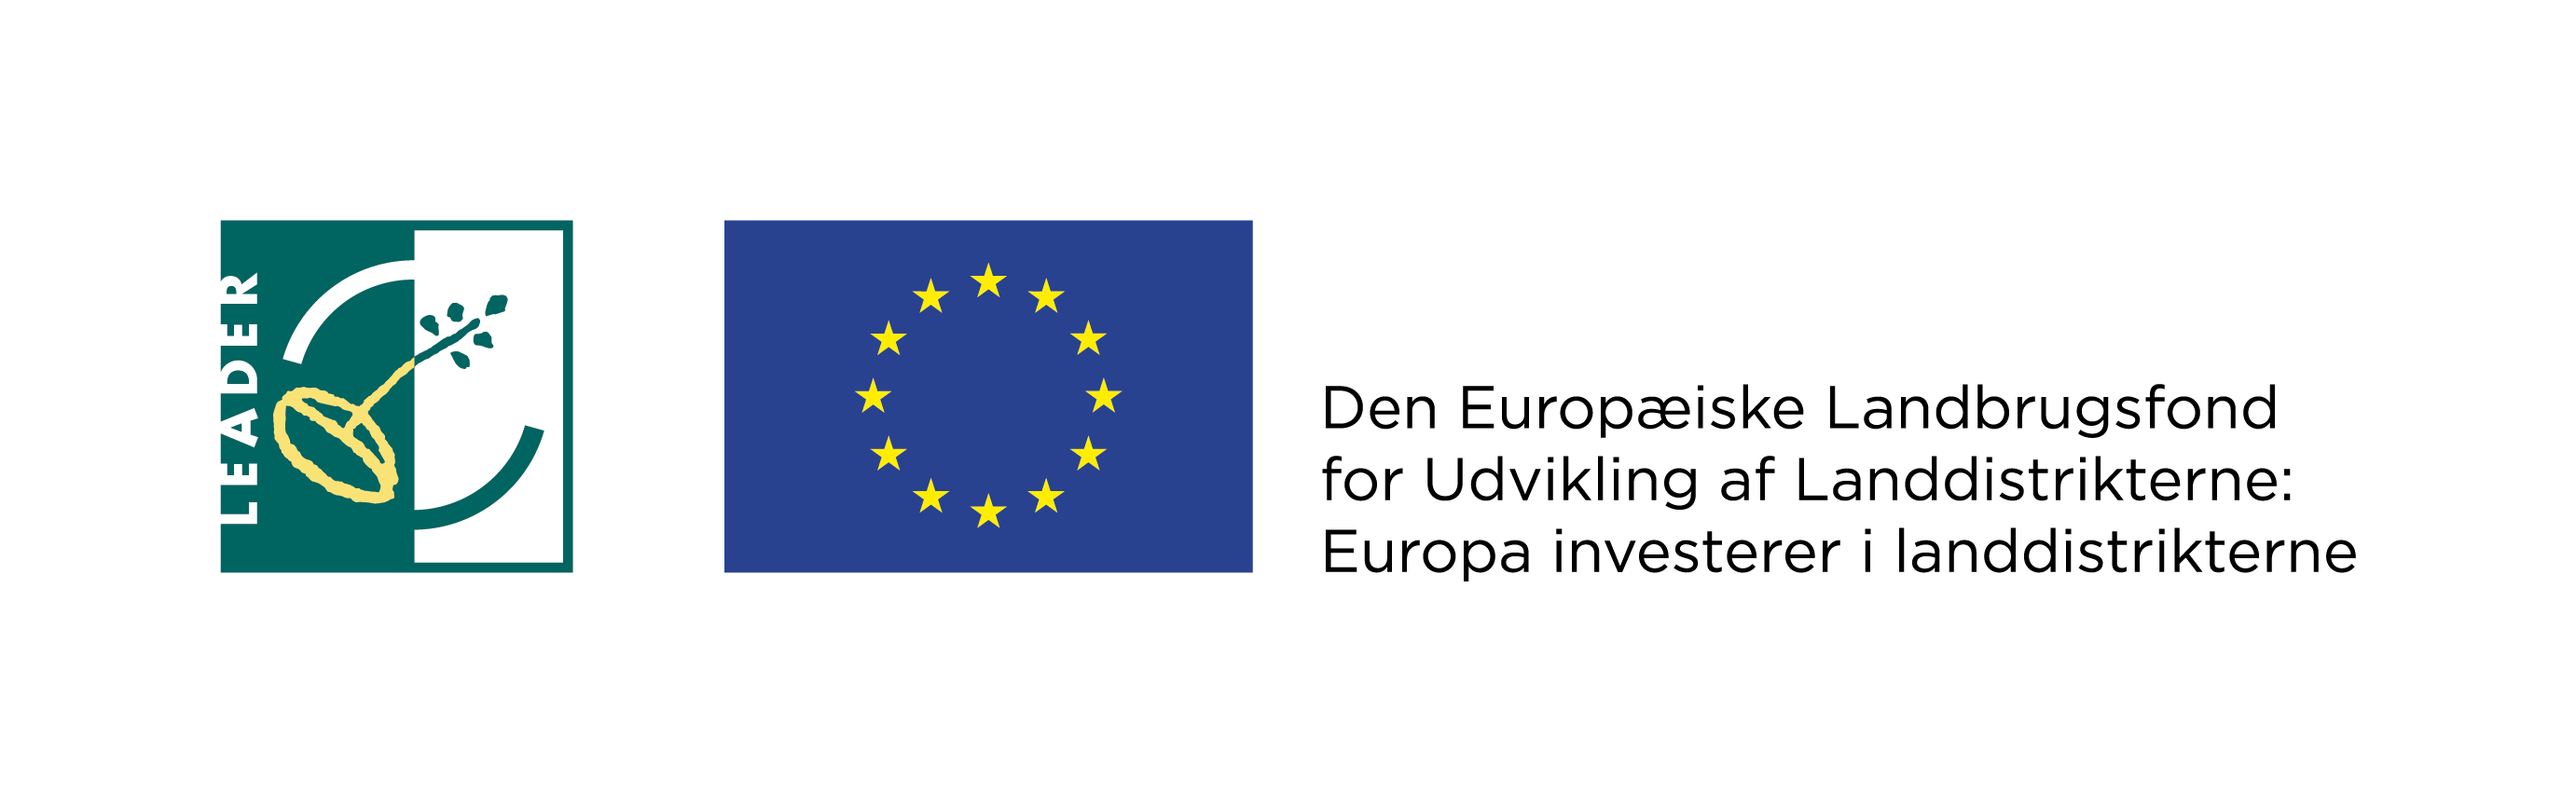 Støttet af EU-kommissionens Udvikling af landdistrikterne